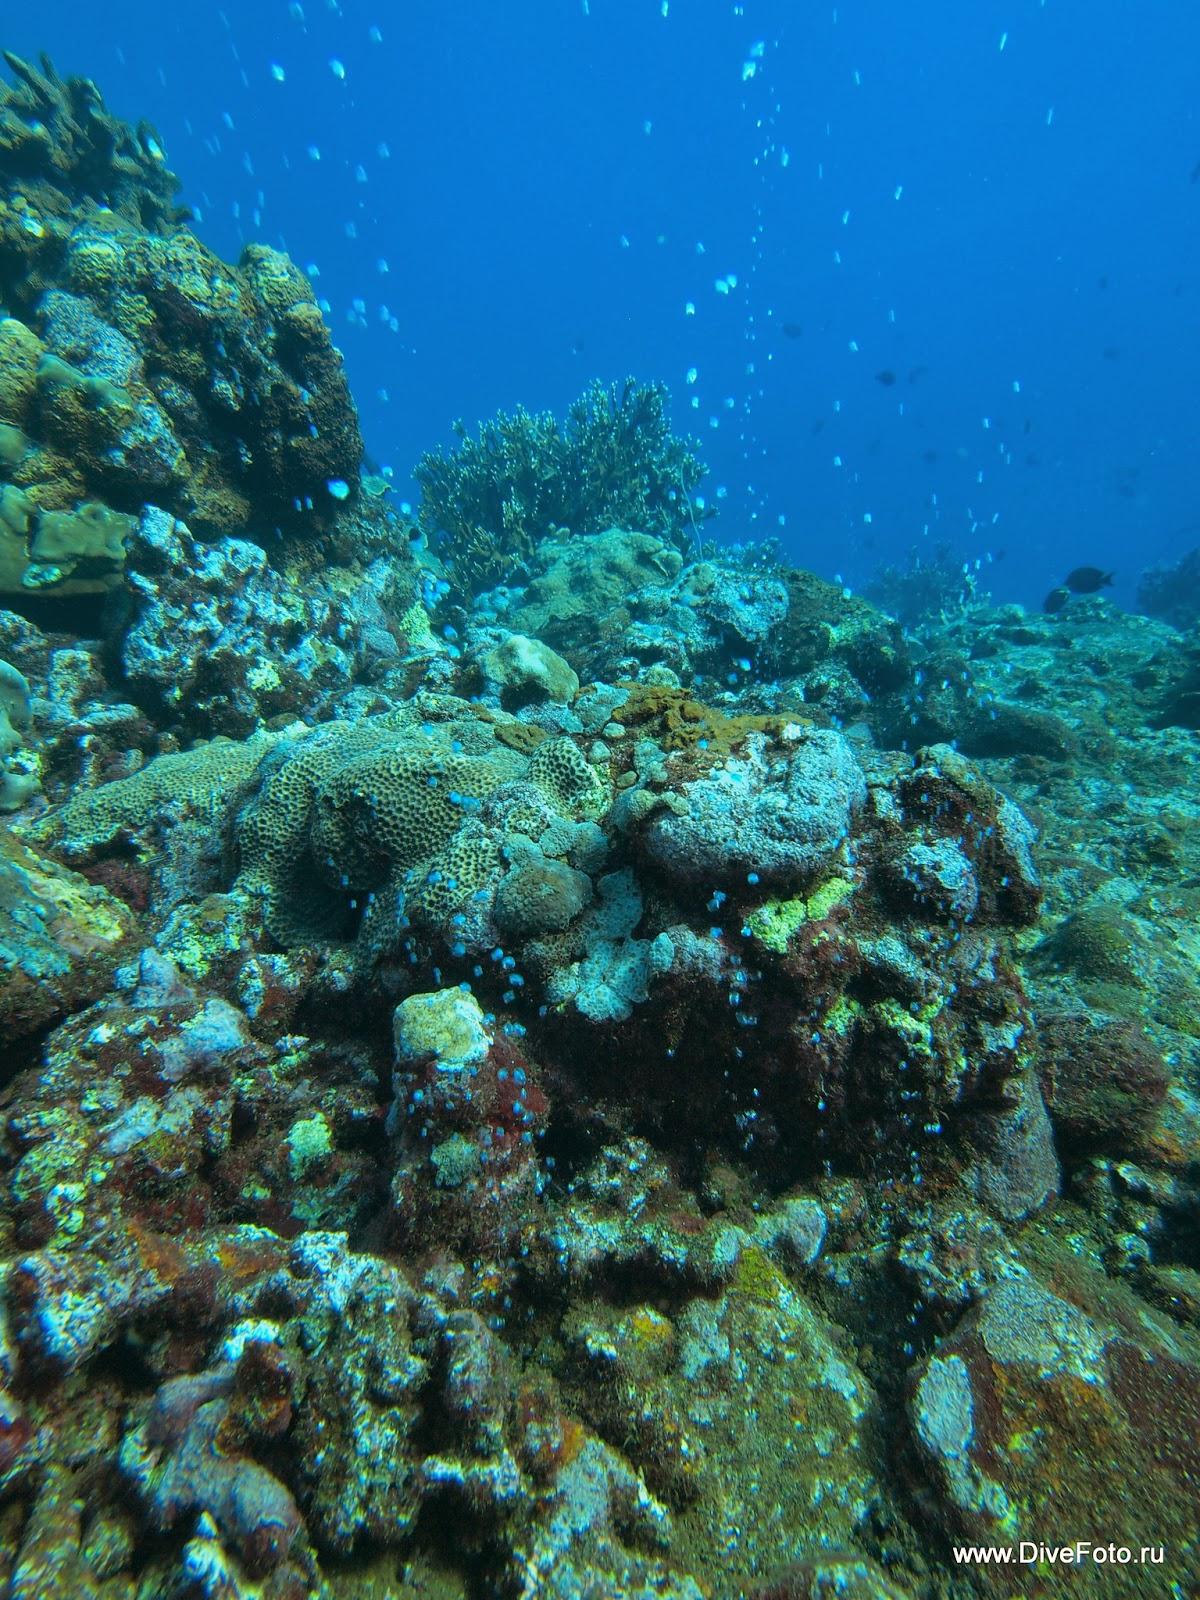 Вулканические пузырьки со дна моря